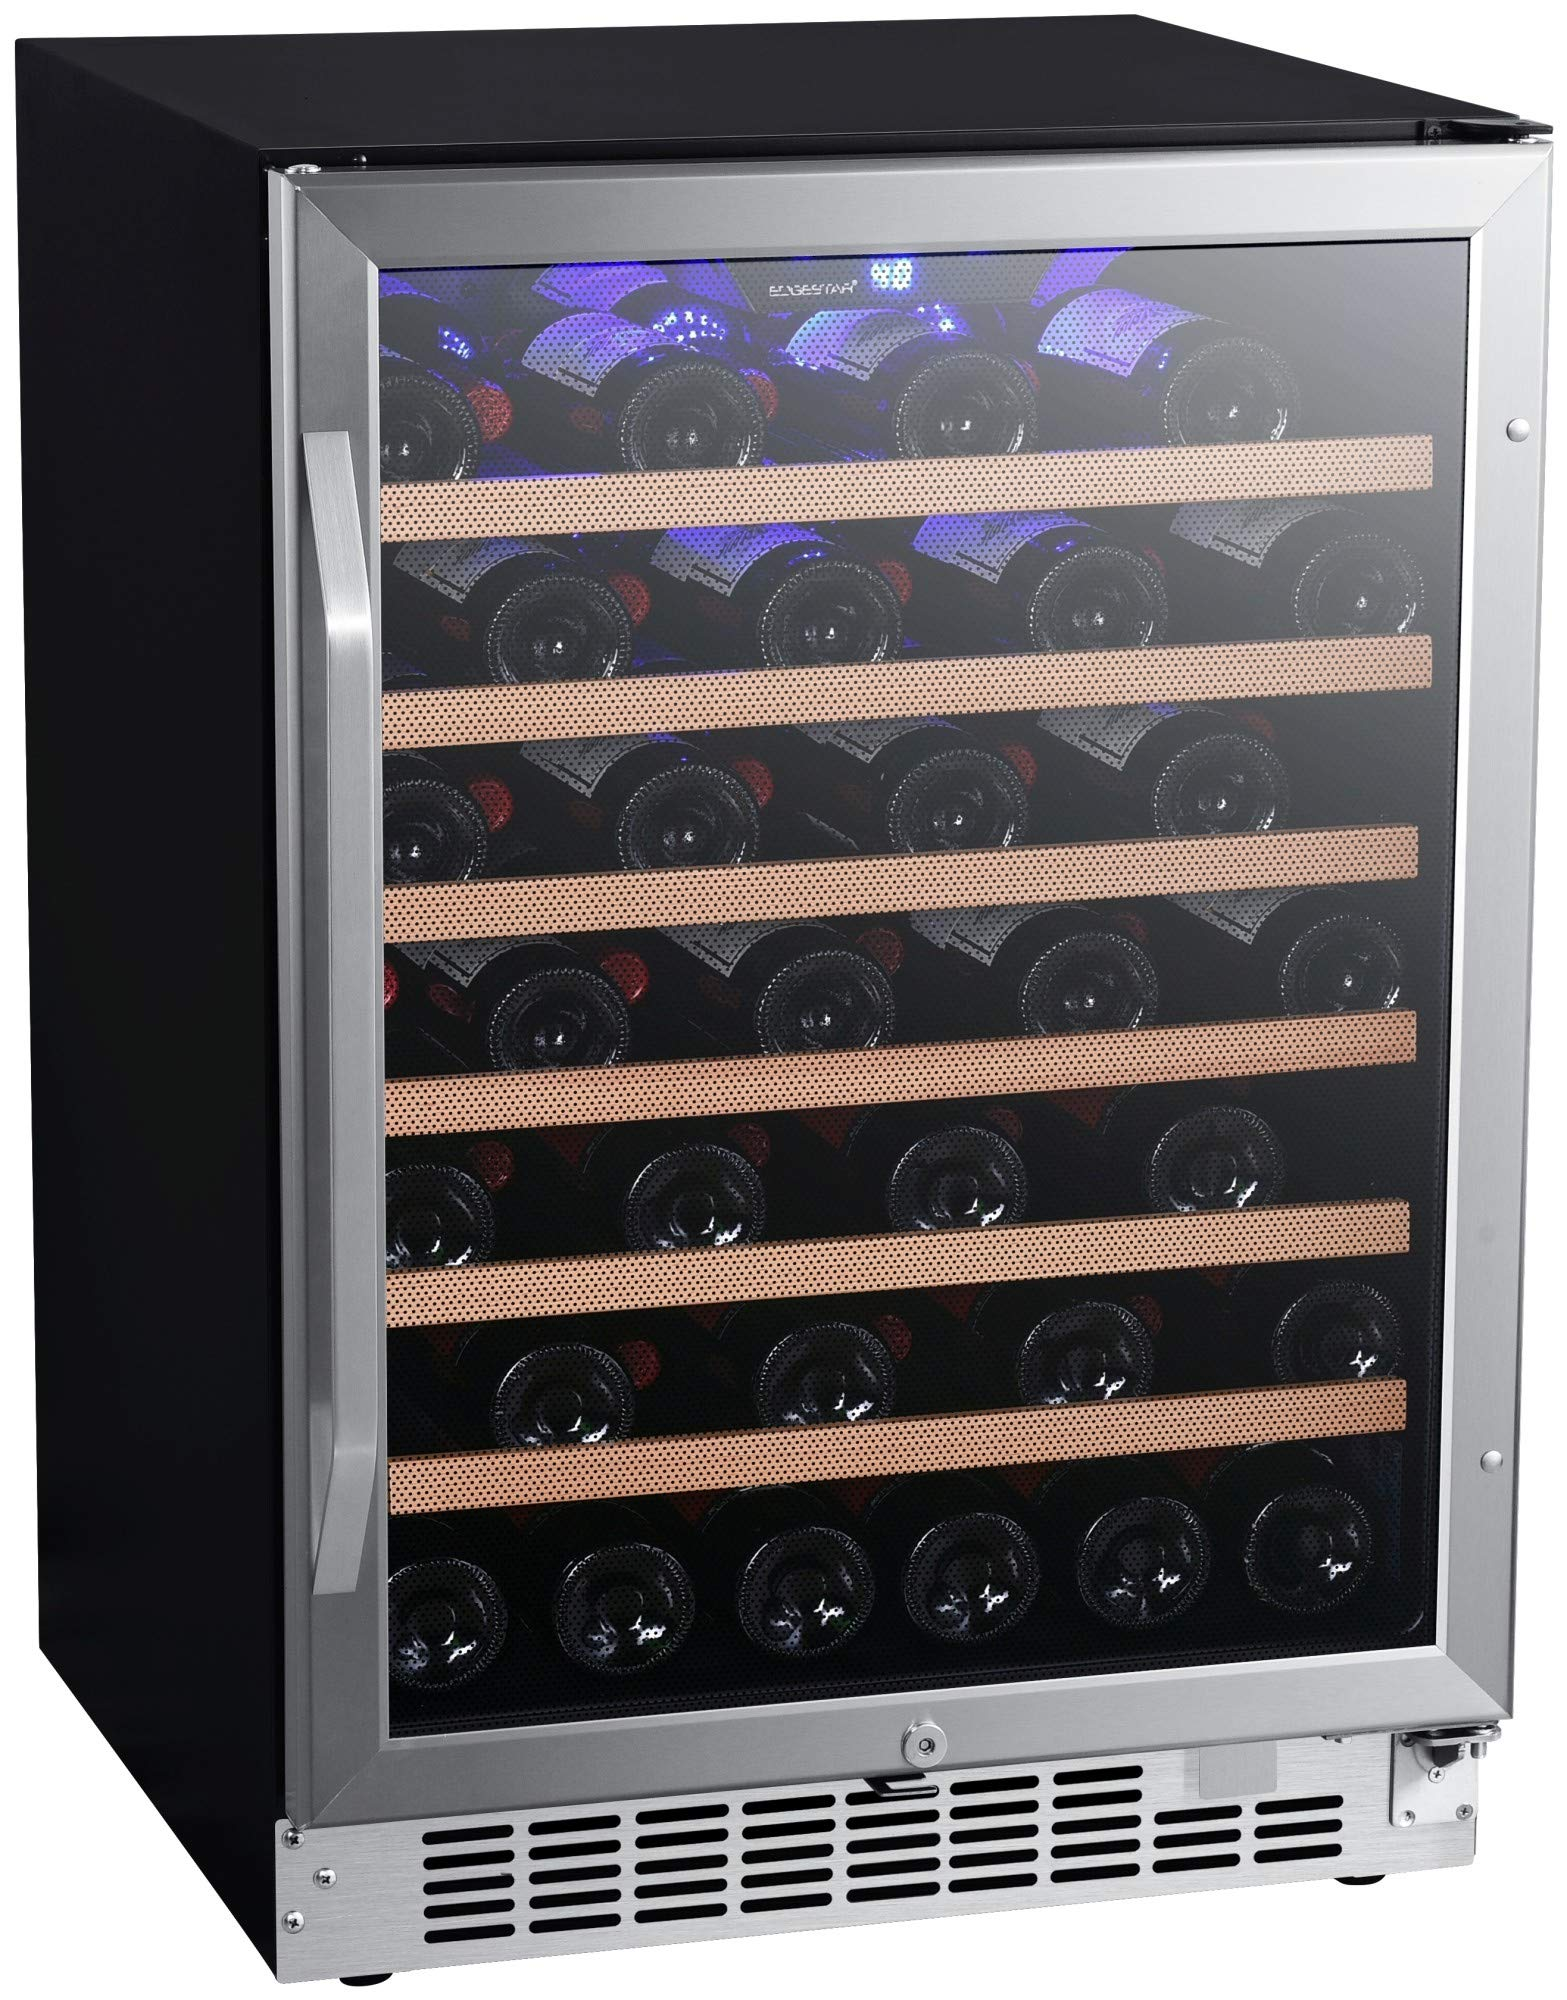 EdgeStar CWR532SZ 24 Inch Wide 53 Bottle Built-In Wine Cooler by EdgeStar